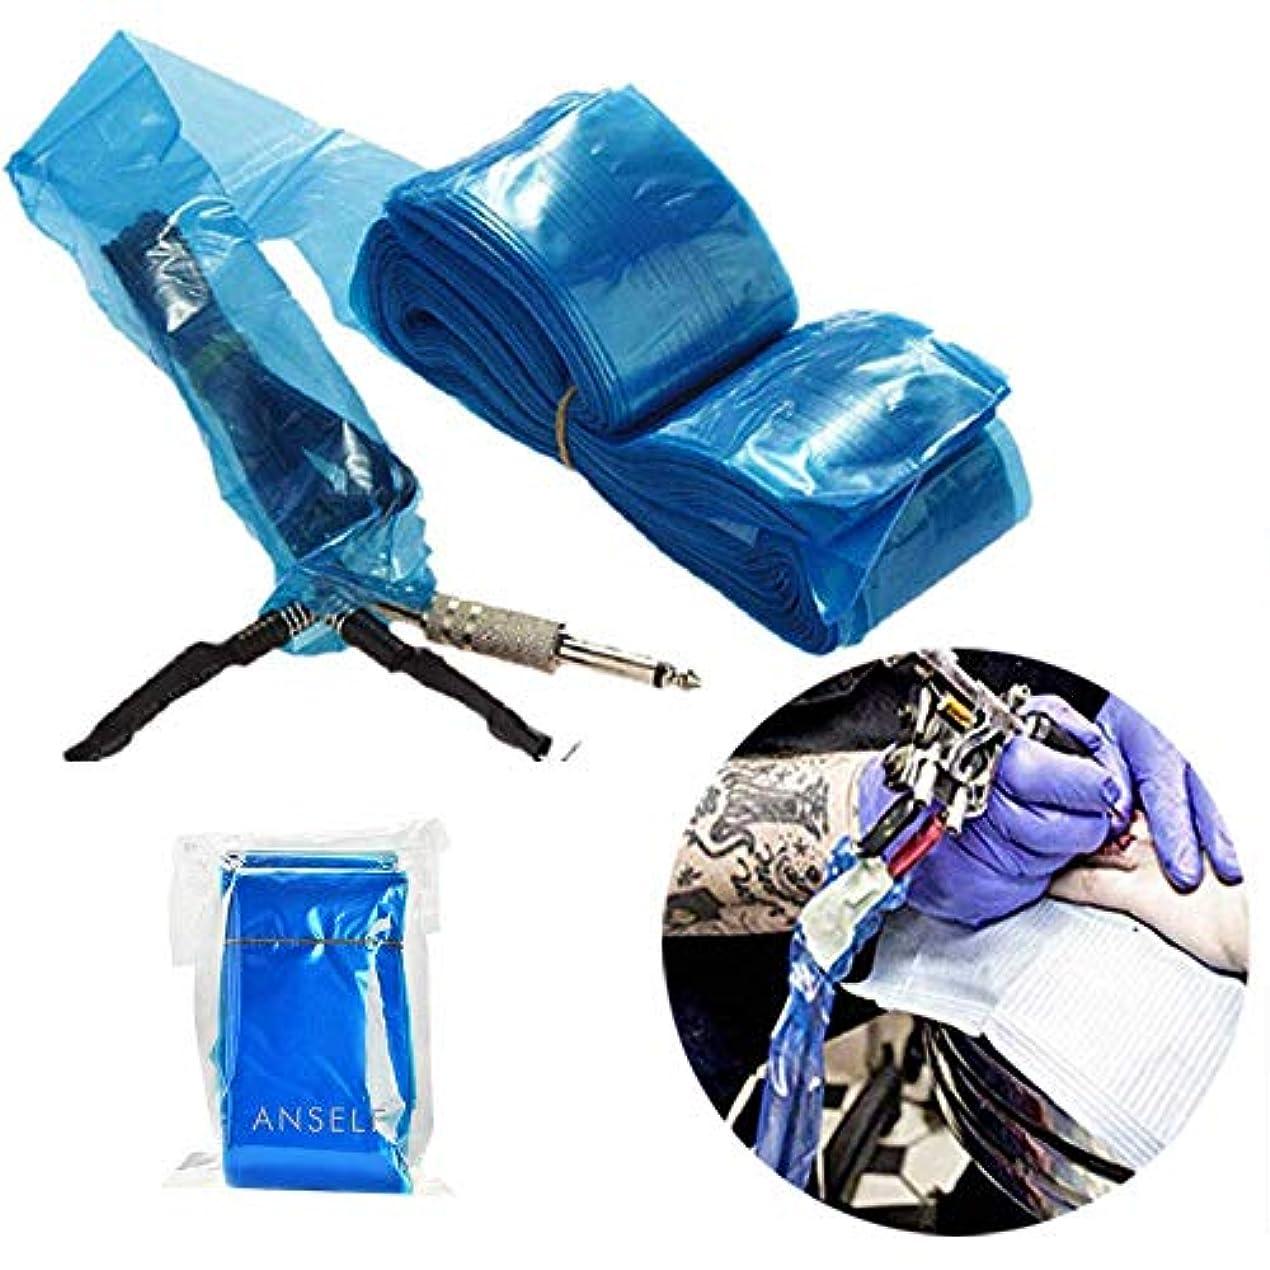 マキシム相反する小康Decdeal タトゥークリップカバー タトゥー用品 タトゥーマシンプラスチック用使い捨てカバー 100Pcs